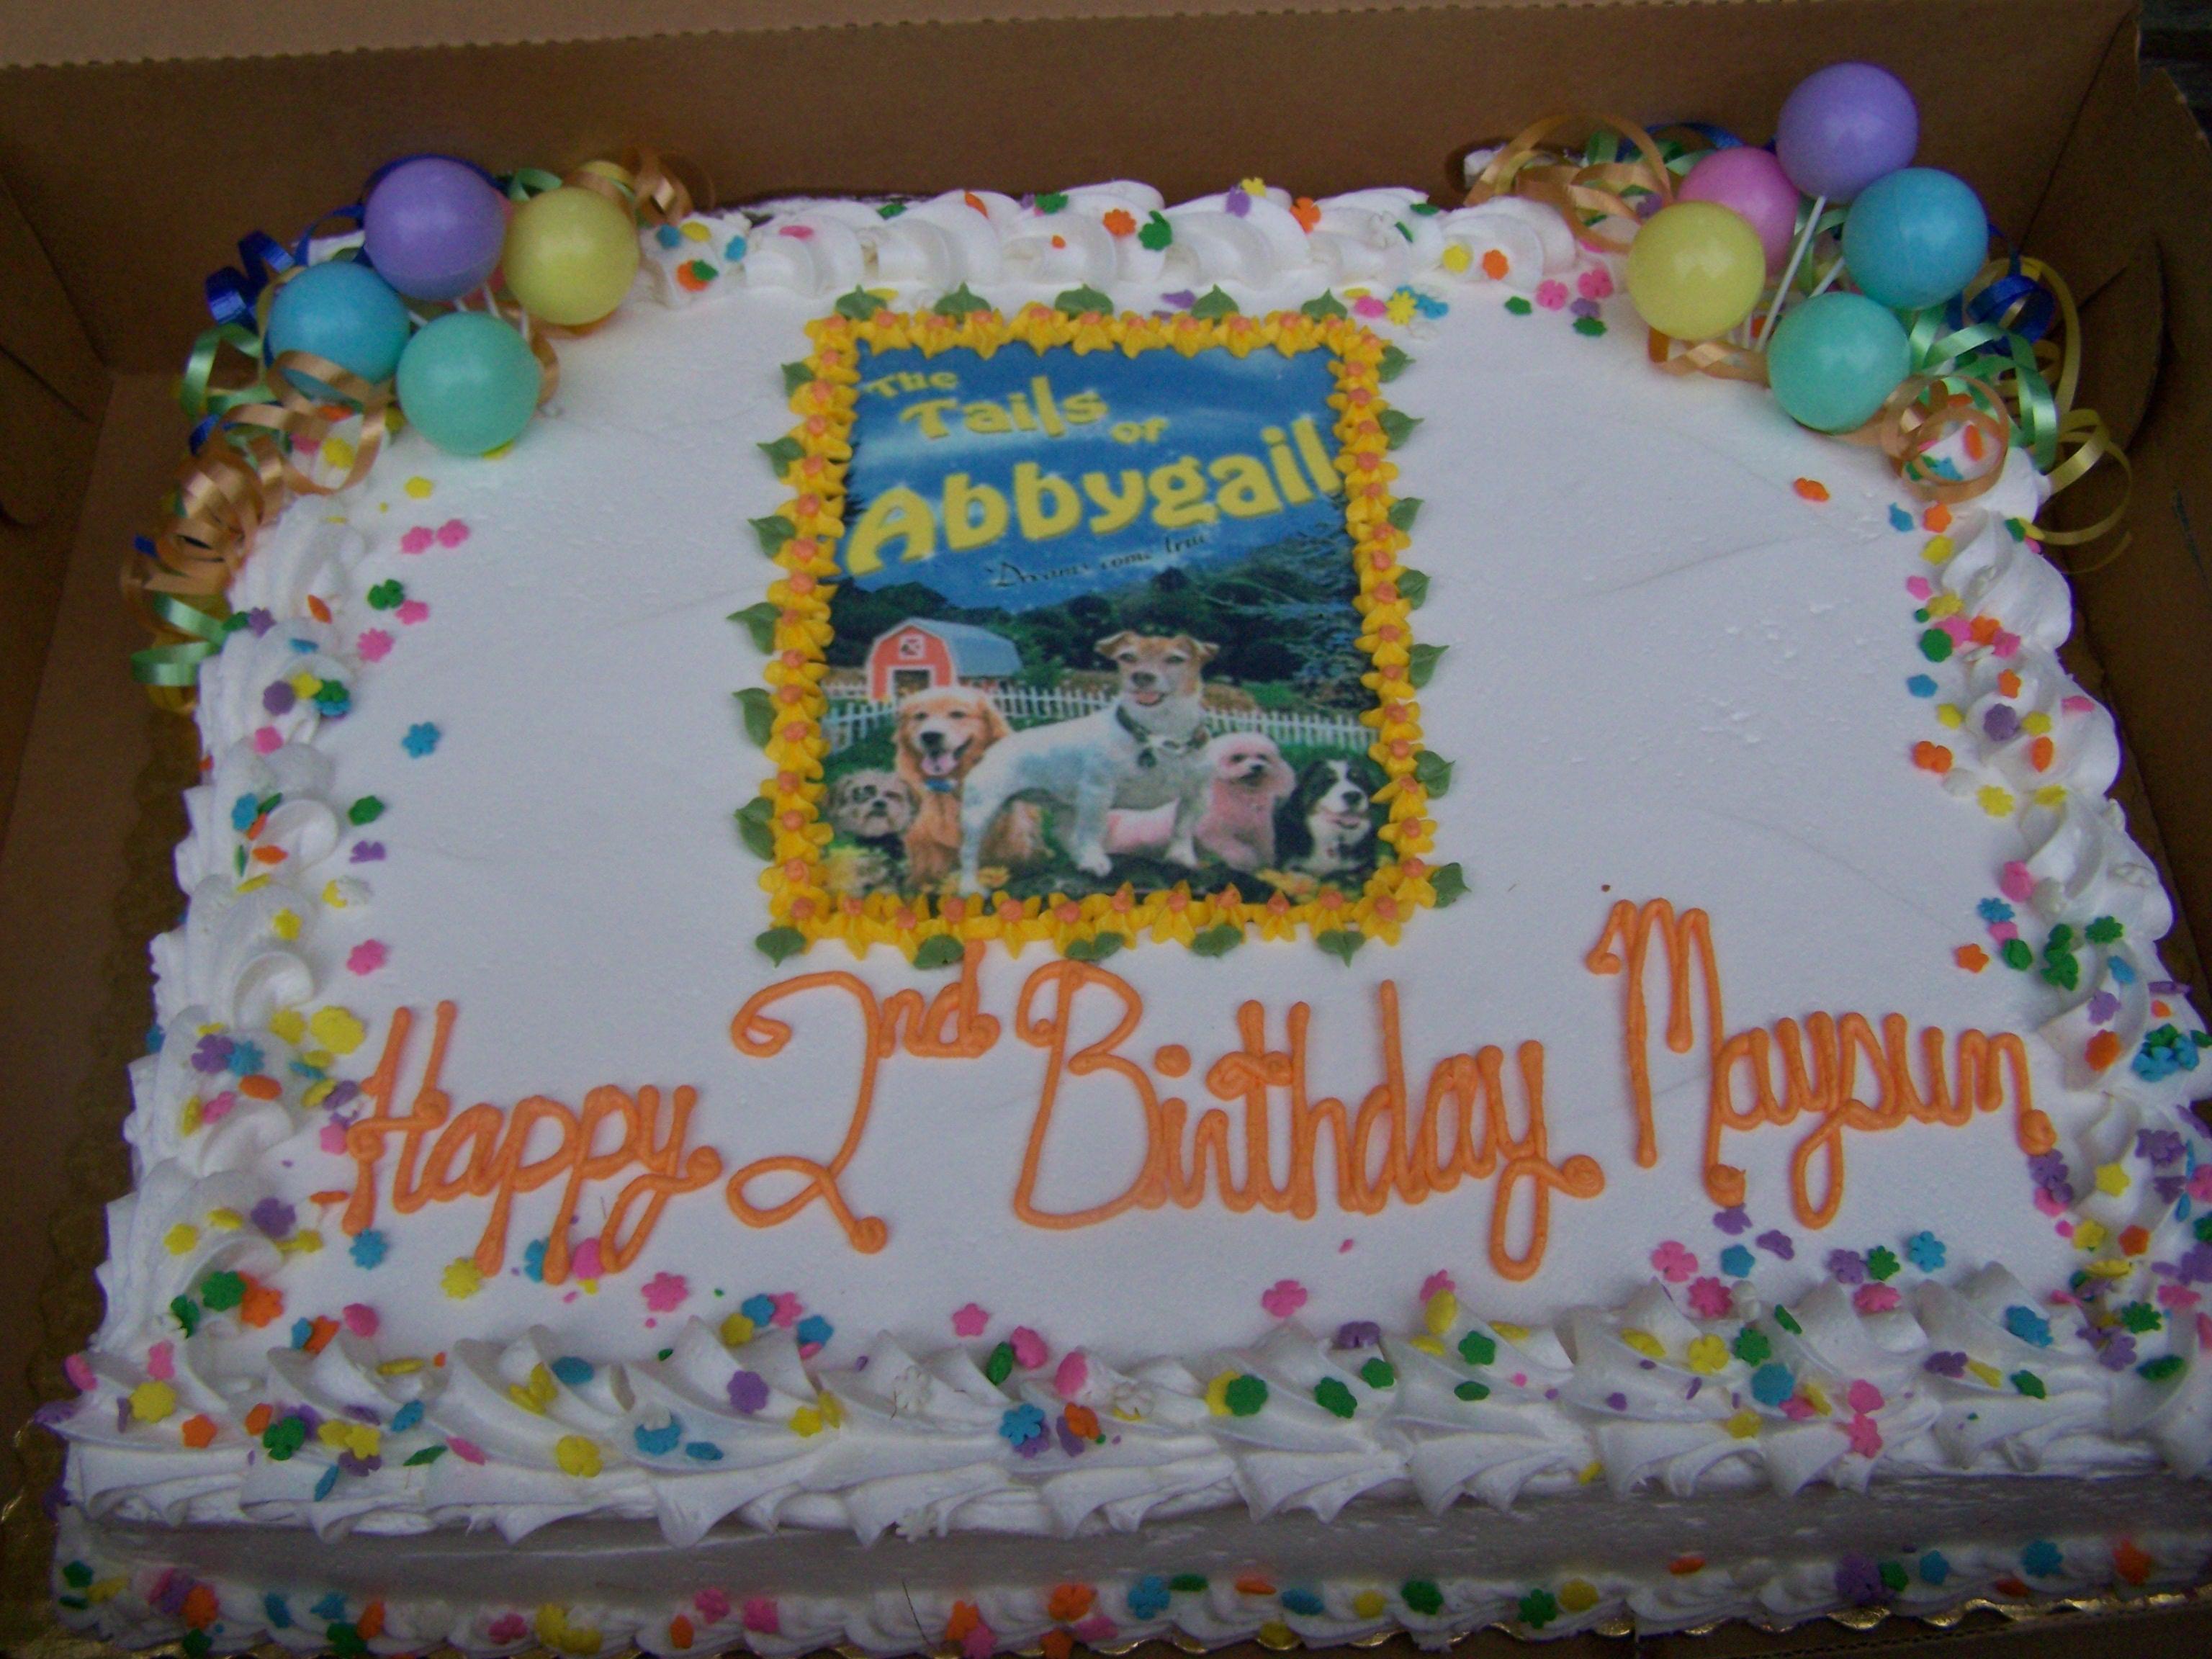 A custom Abbygail birthday cake